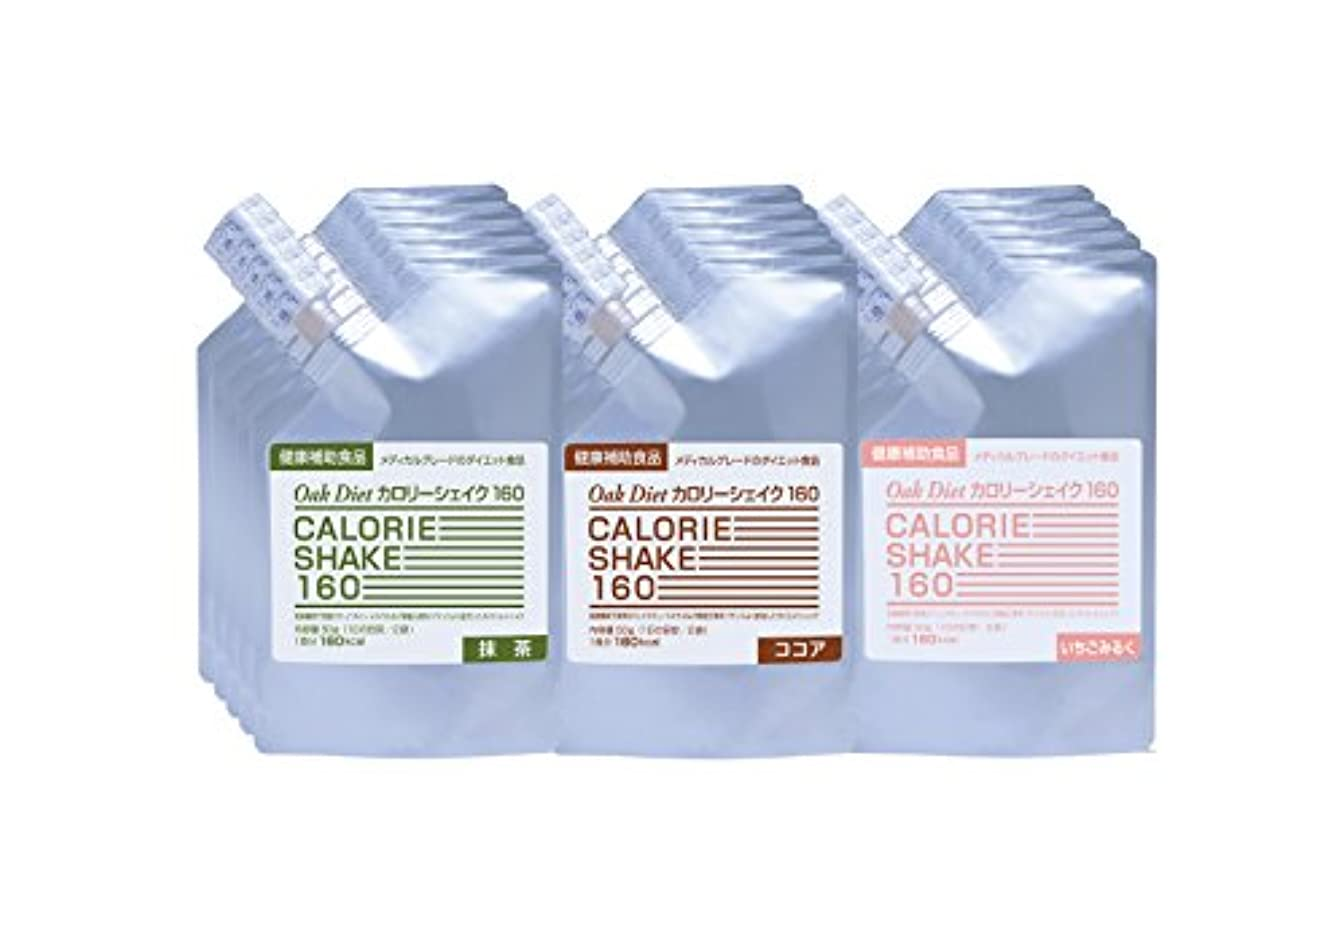 口述する葉っぱ原理Oak Diet カロリーシェイク160 3種類セレクトセット15袋(抹茶?ココア?いちごみるく 各5袋)